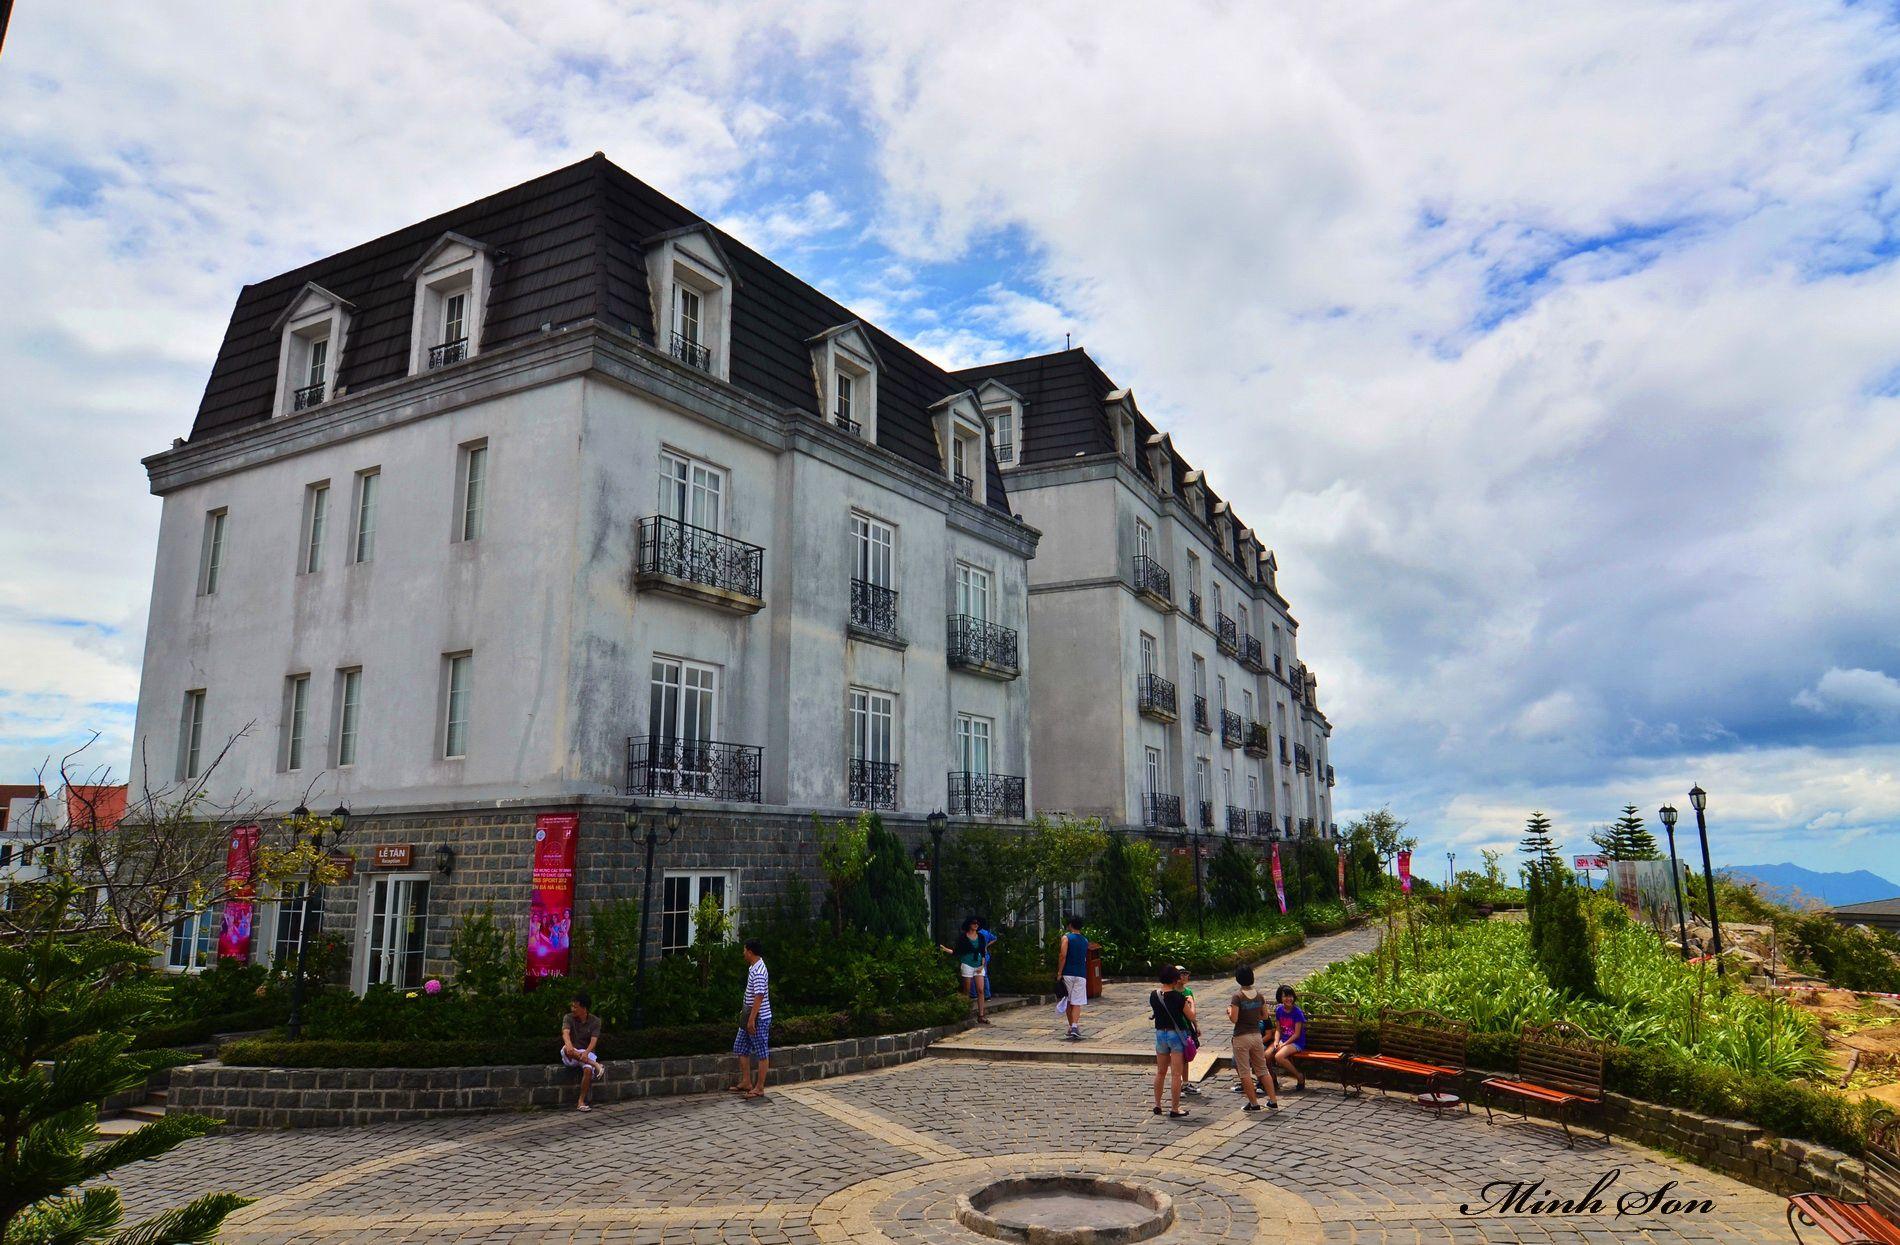 Khách sạn Morin Du lịch Bà Nà Hills Du lich Ba Na